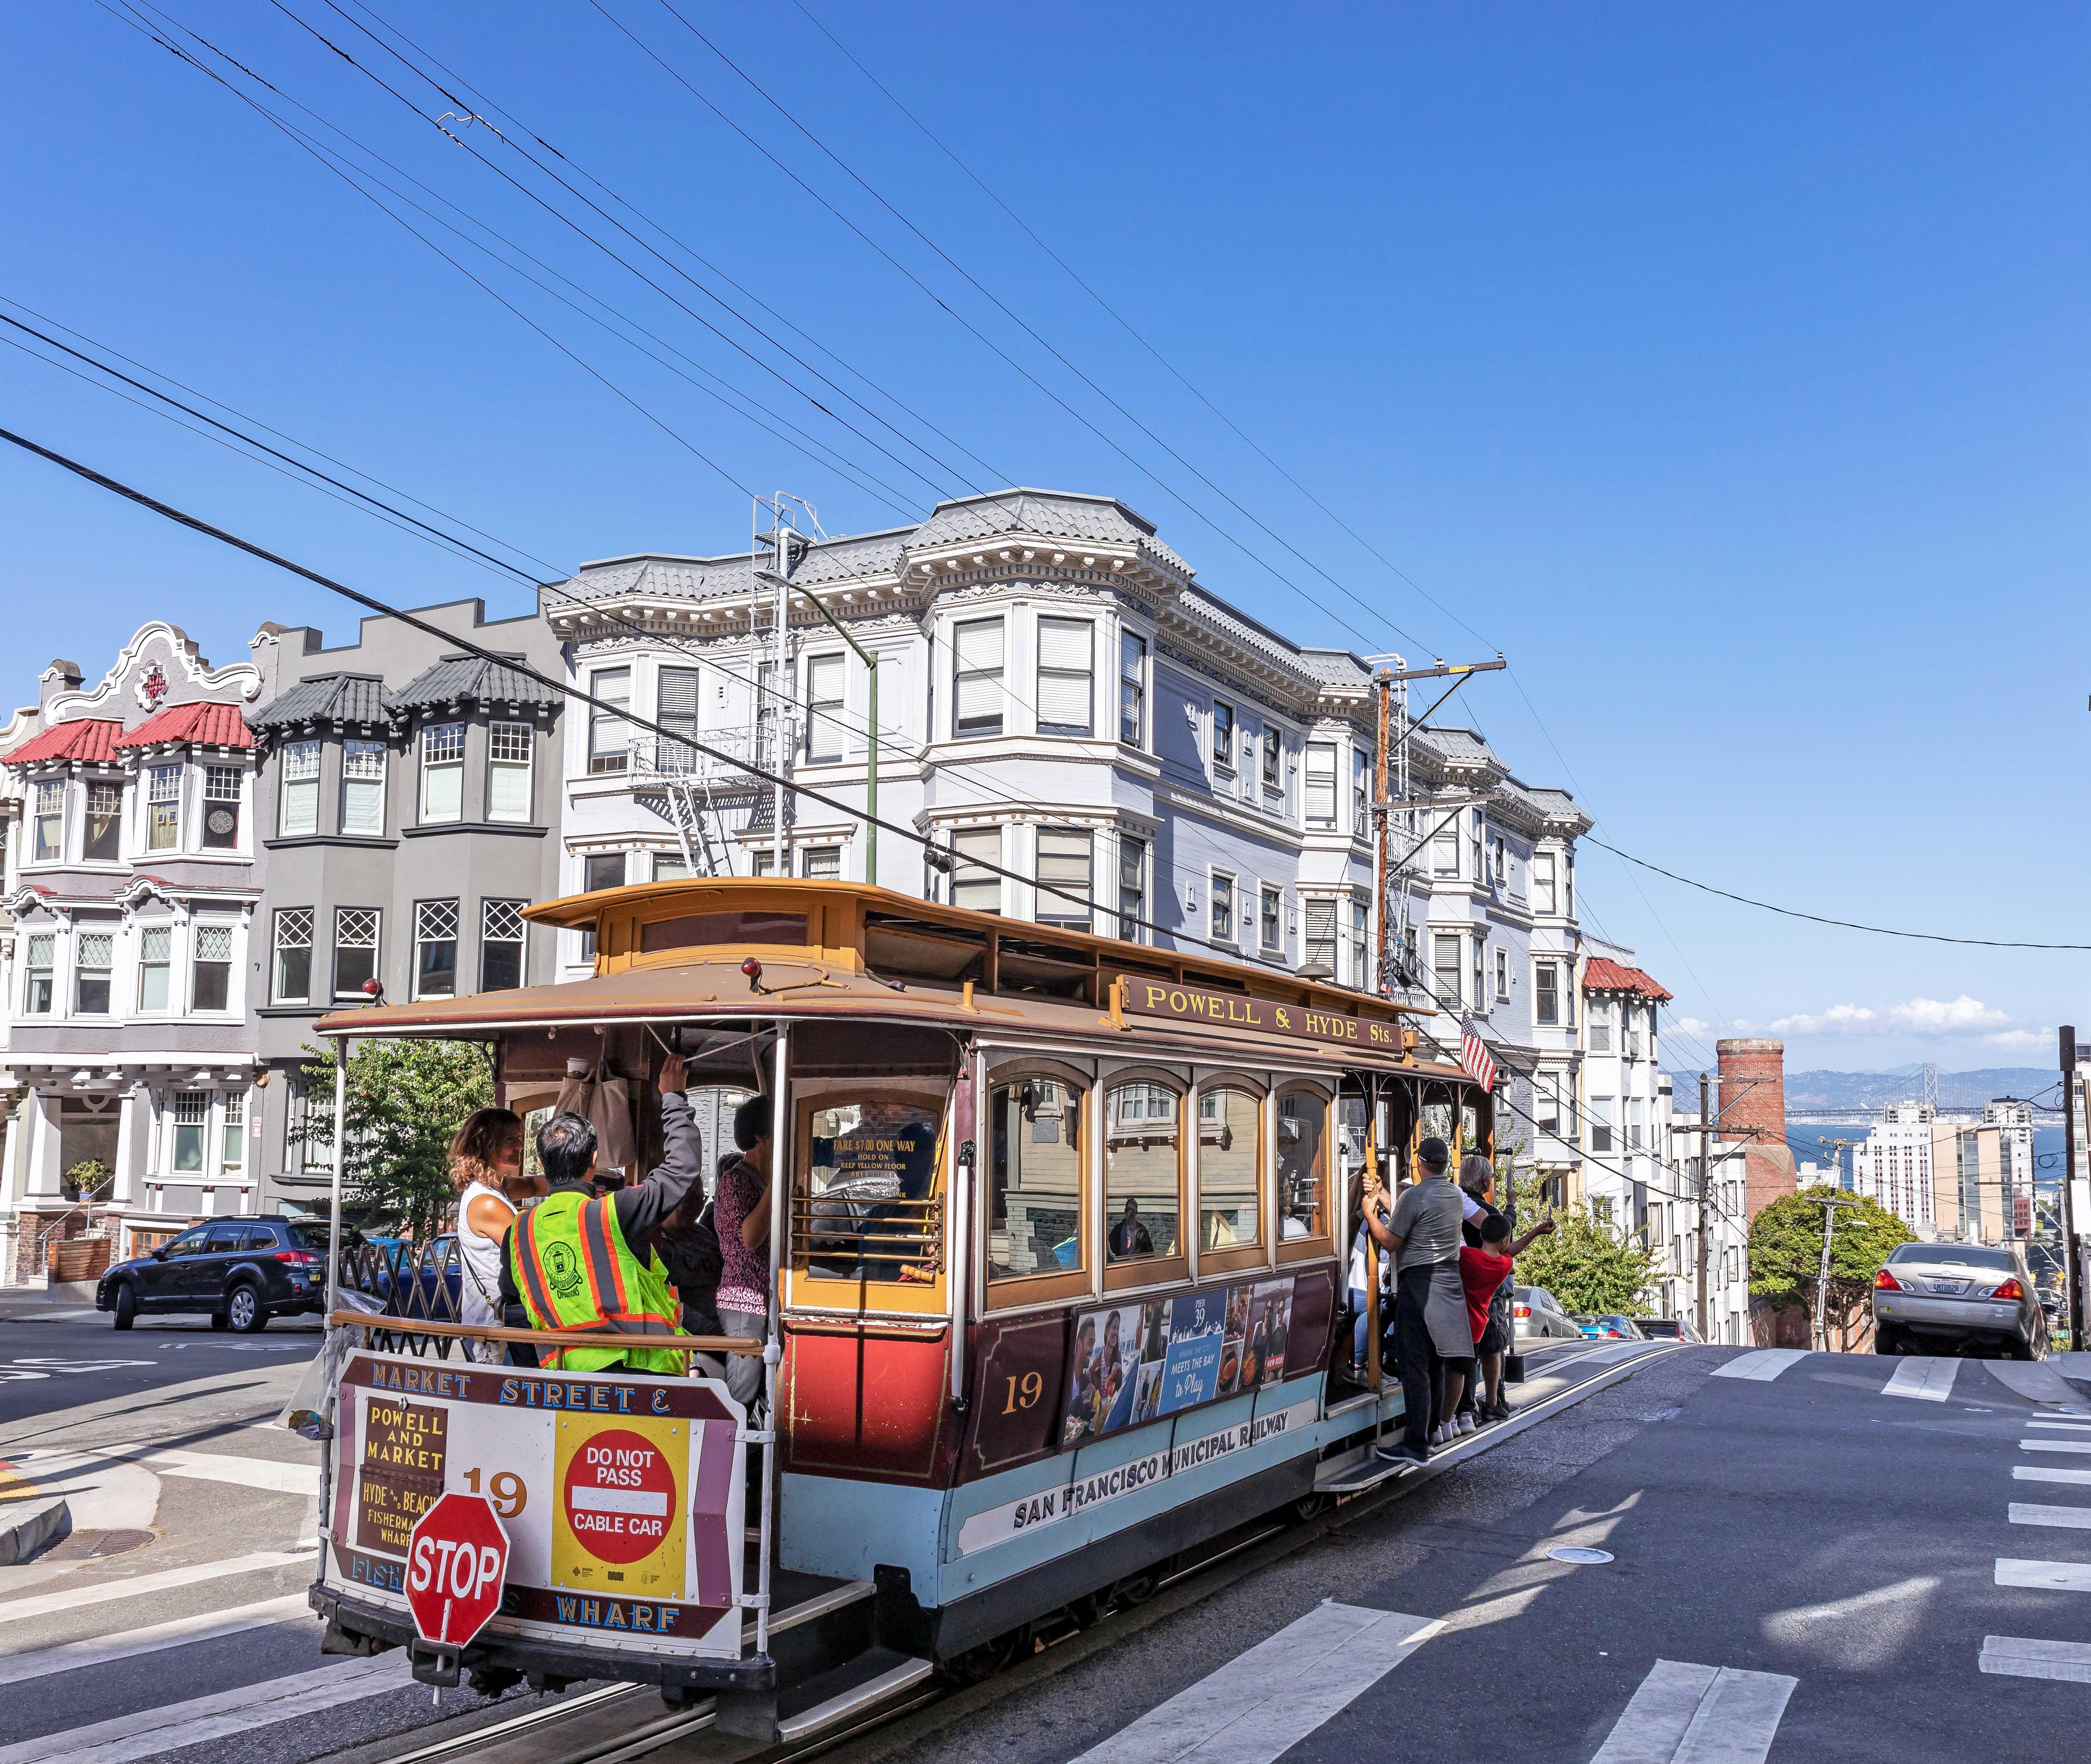 Globe-triping: San Francisco